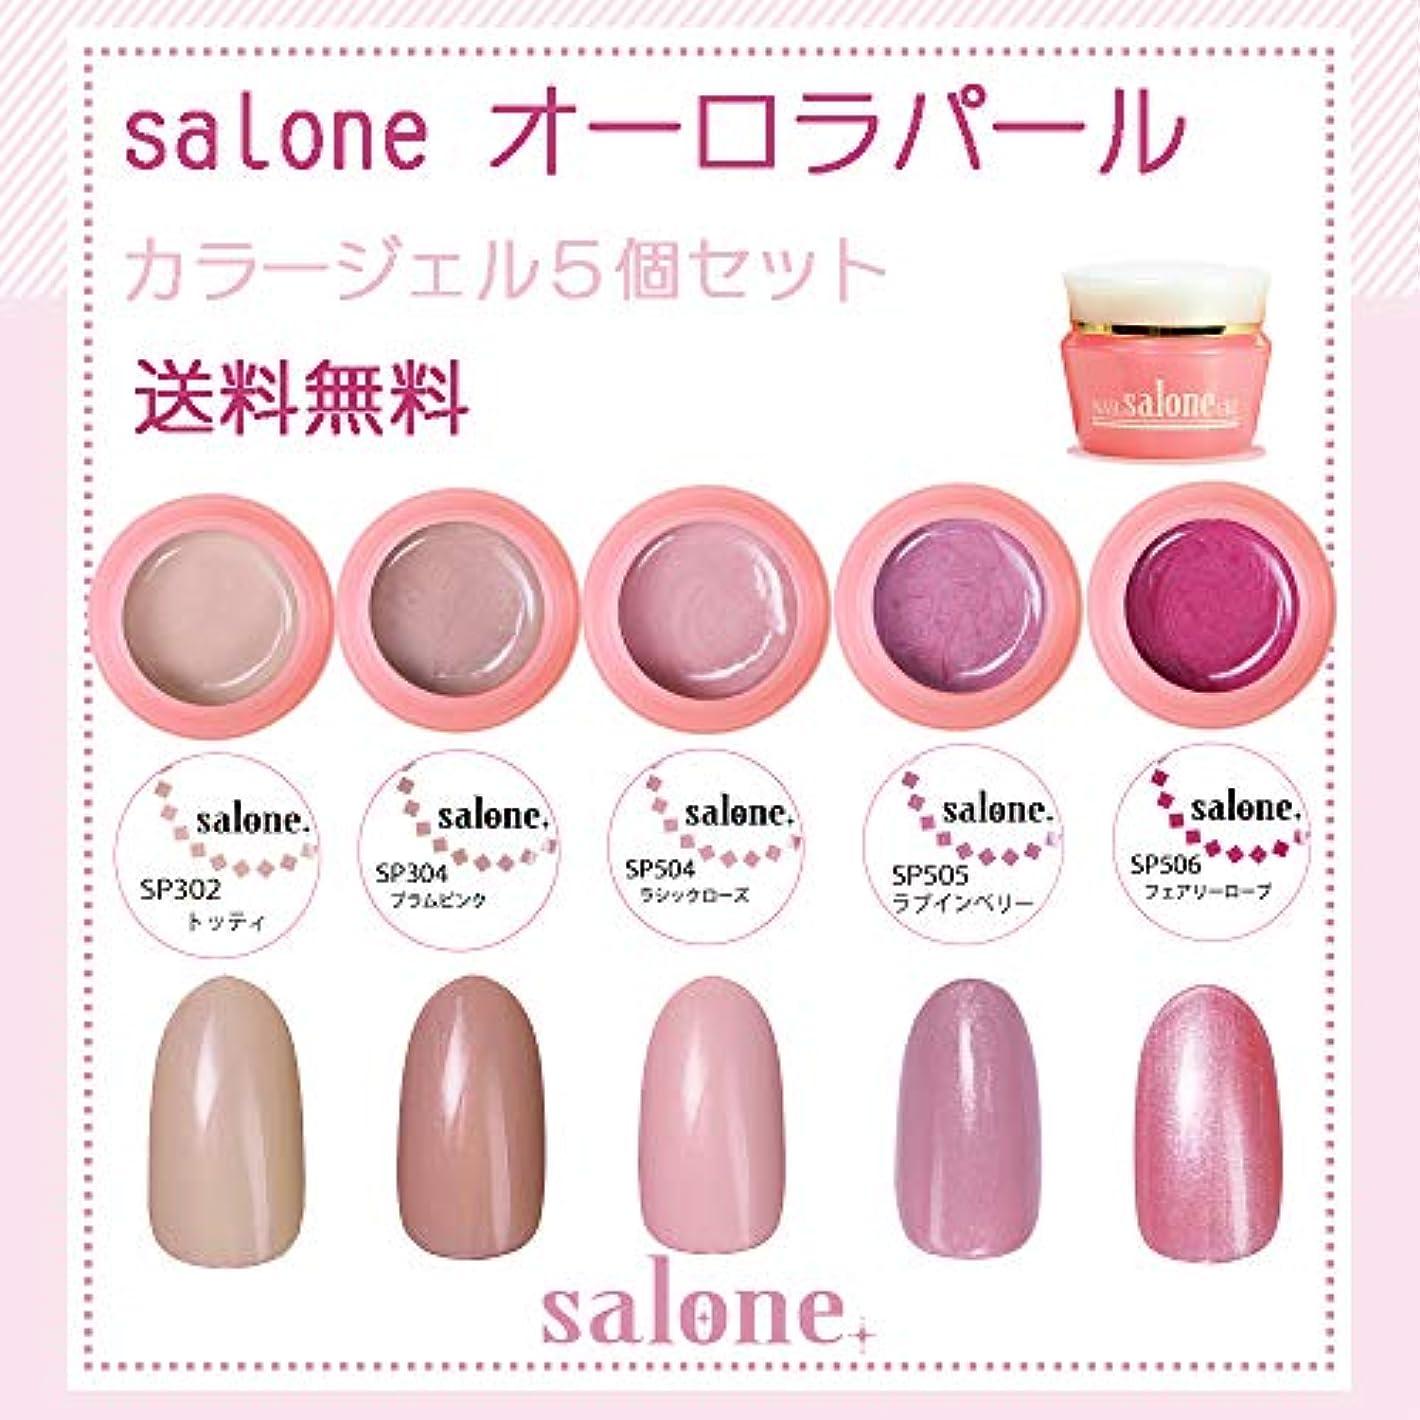 促進するシプリーアイザック【送料無料 日本製】Salone オーロラパール カラージェル5個セット上品な輝きのパールカラー